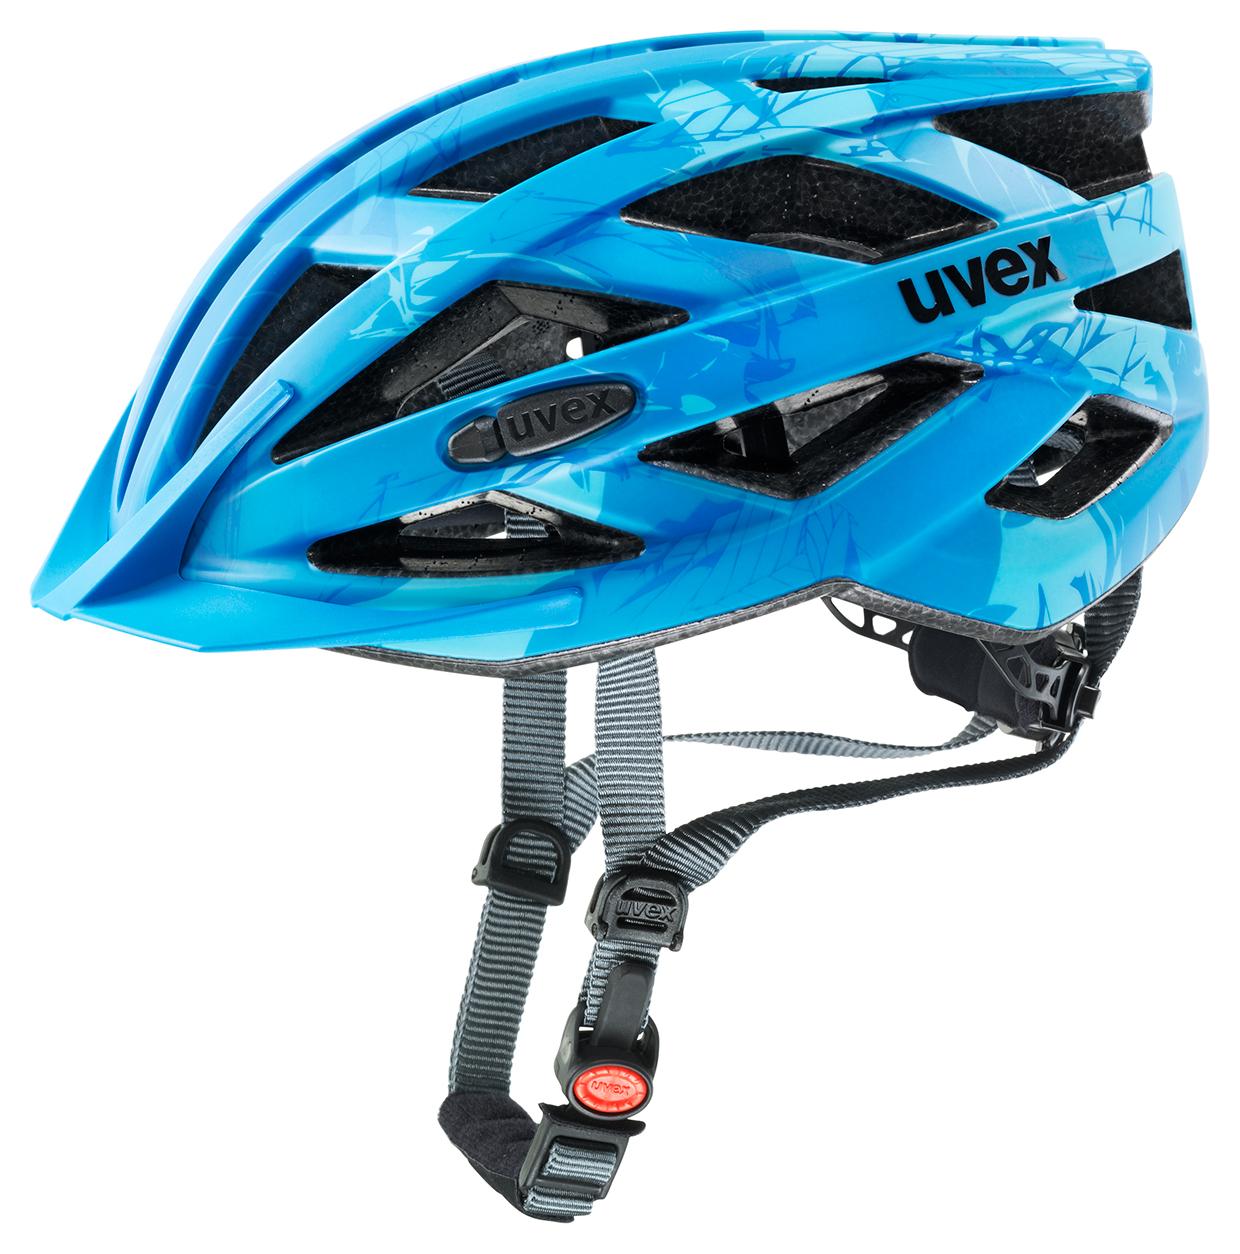 UVEX I-VO CC, BLUE MAT 2015 52-56 cm